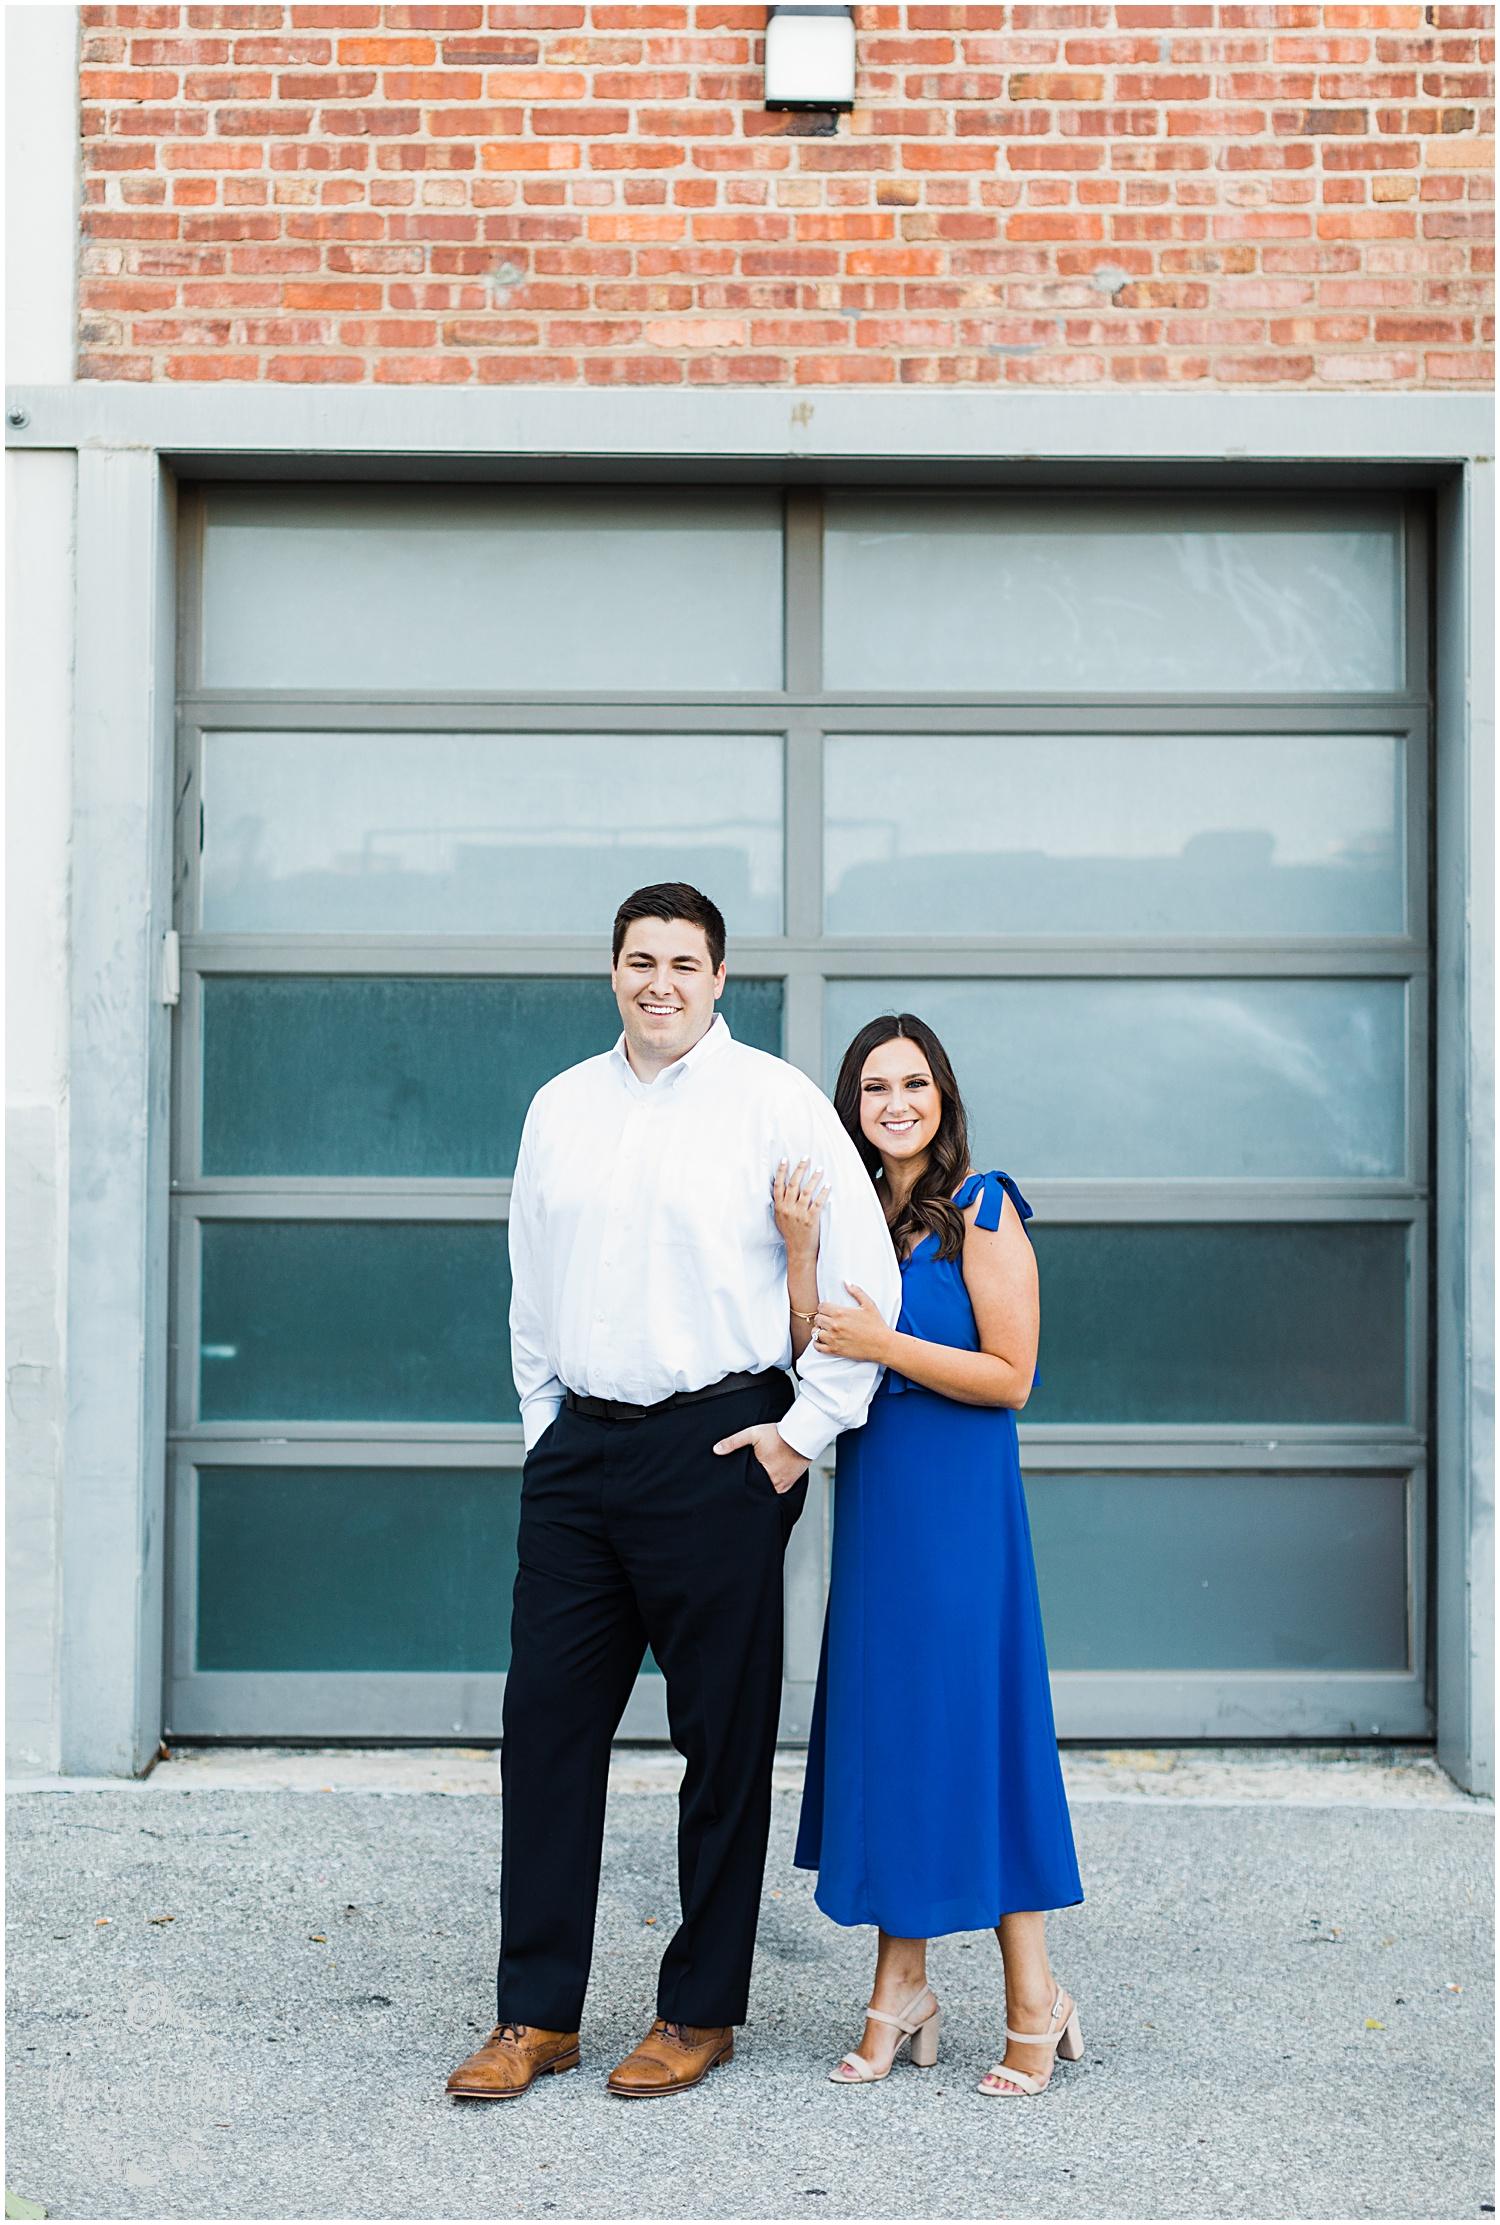 MORGAN & KEVIN ENGAGEMENT BLOG | MARISSA CRIBBS PHOTOGRAPHY_8282.jpg